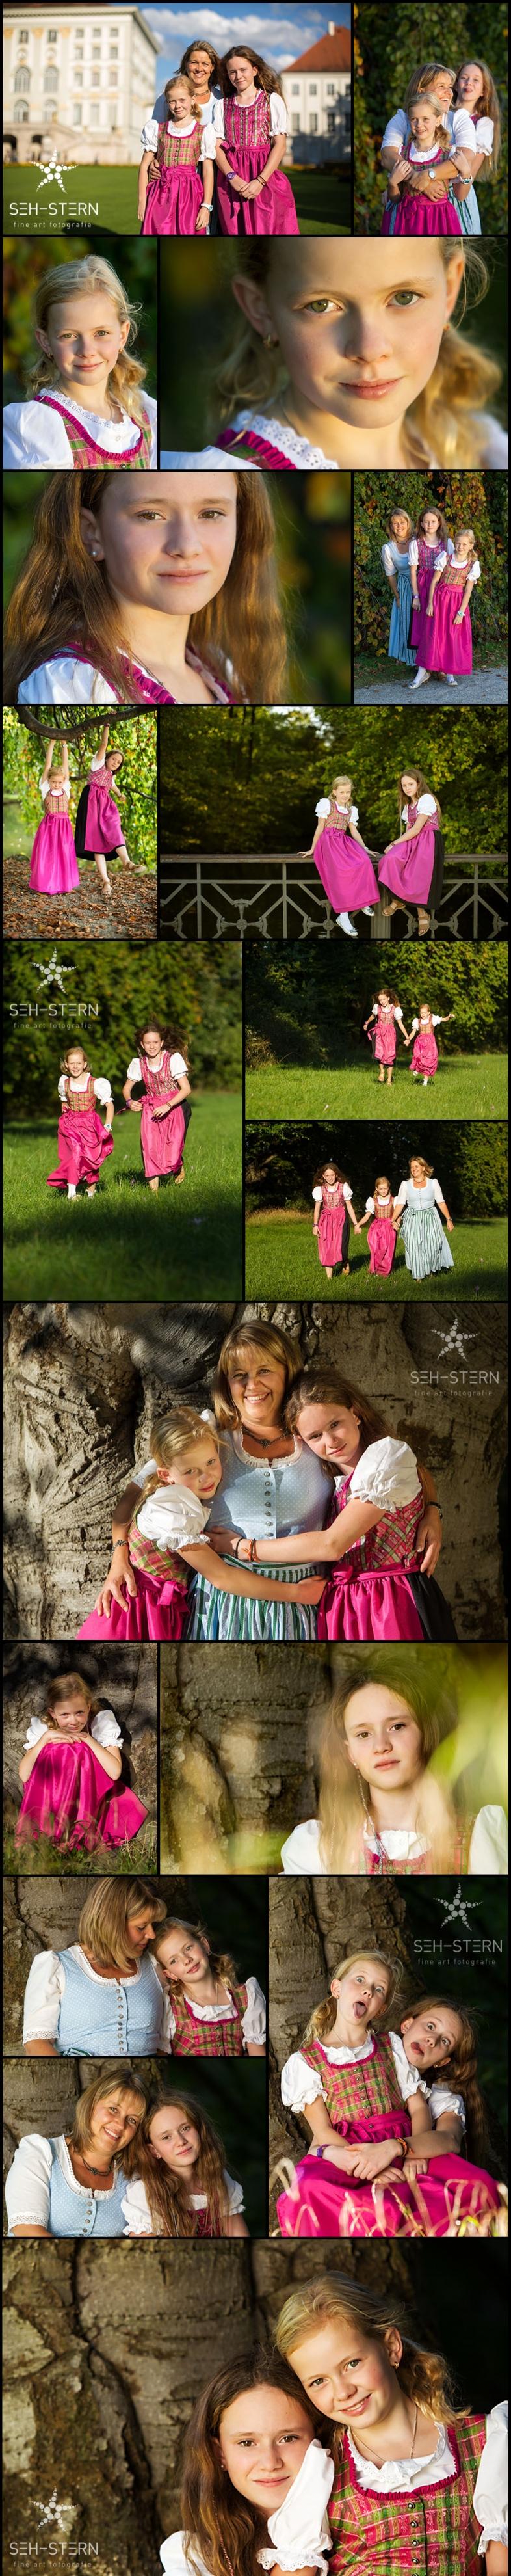 Familienportraits und Familienfotos im Oktober im Nymphenburger Schlosspark in München